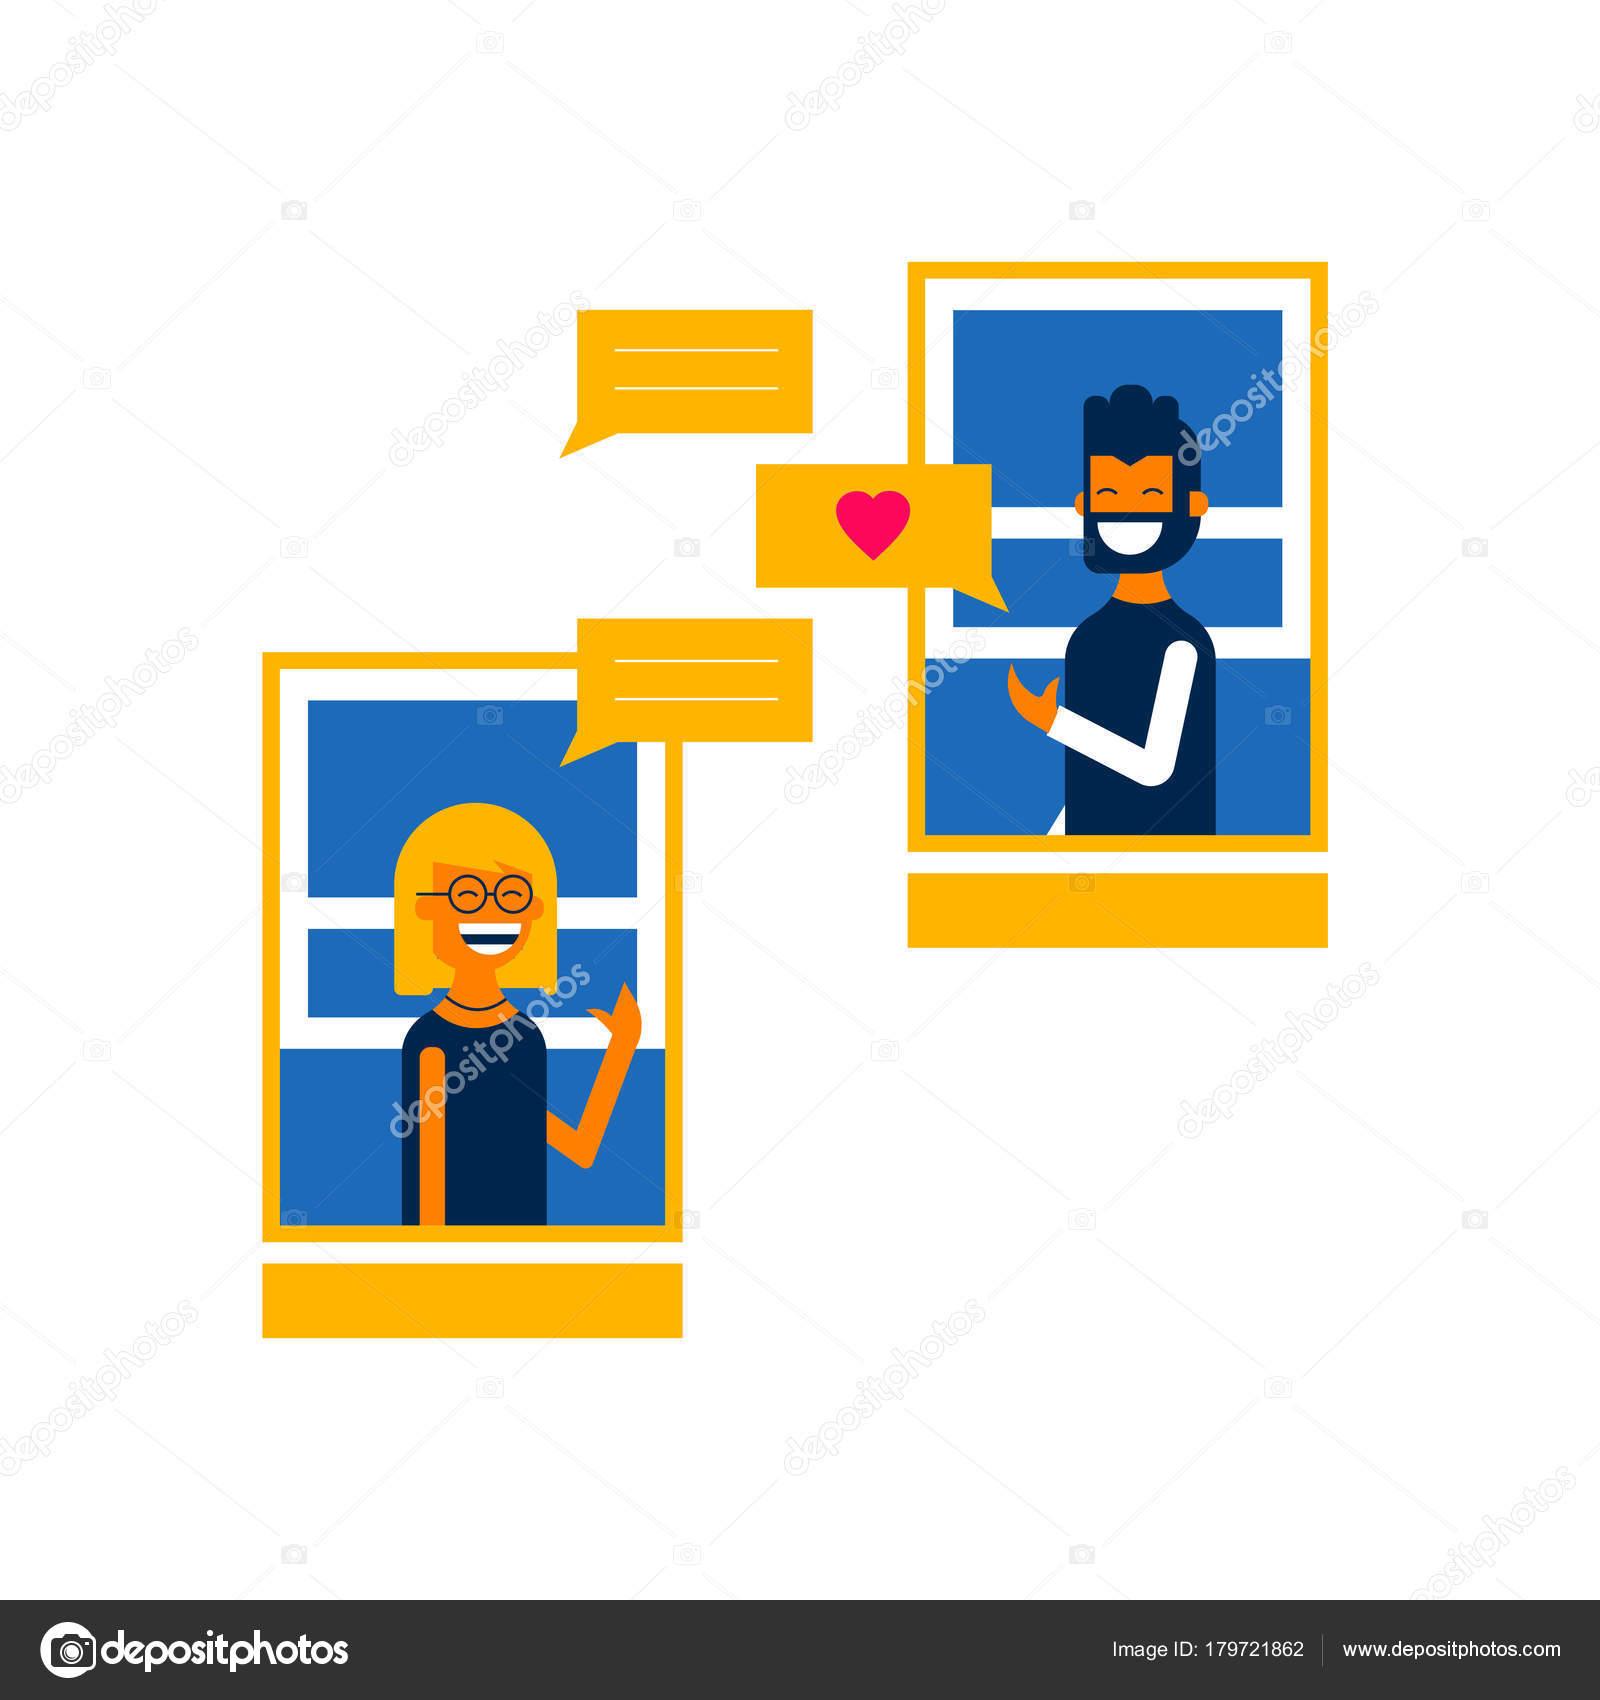 Chlapec a dívka datování obrázků